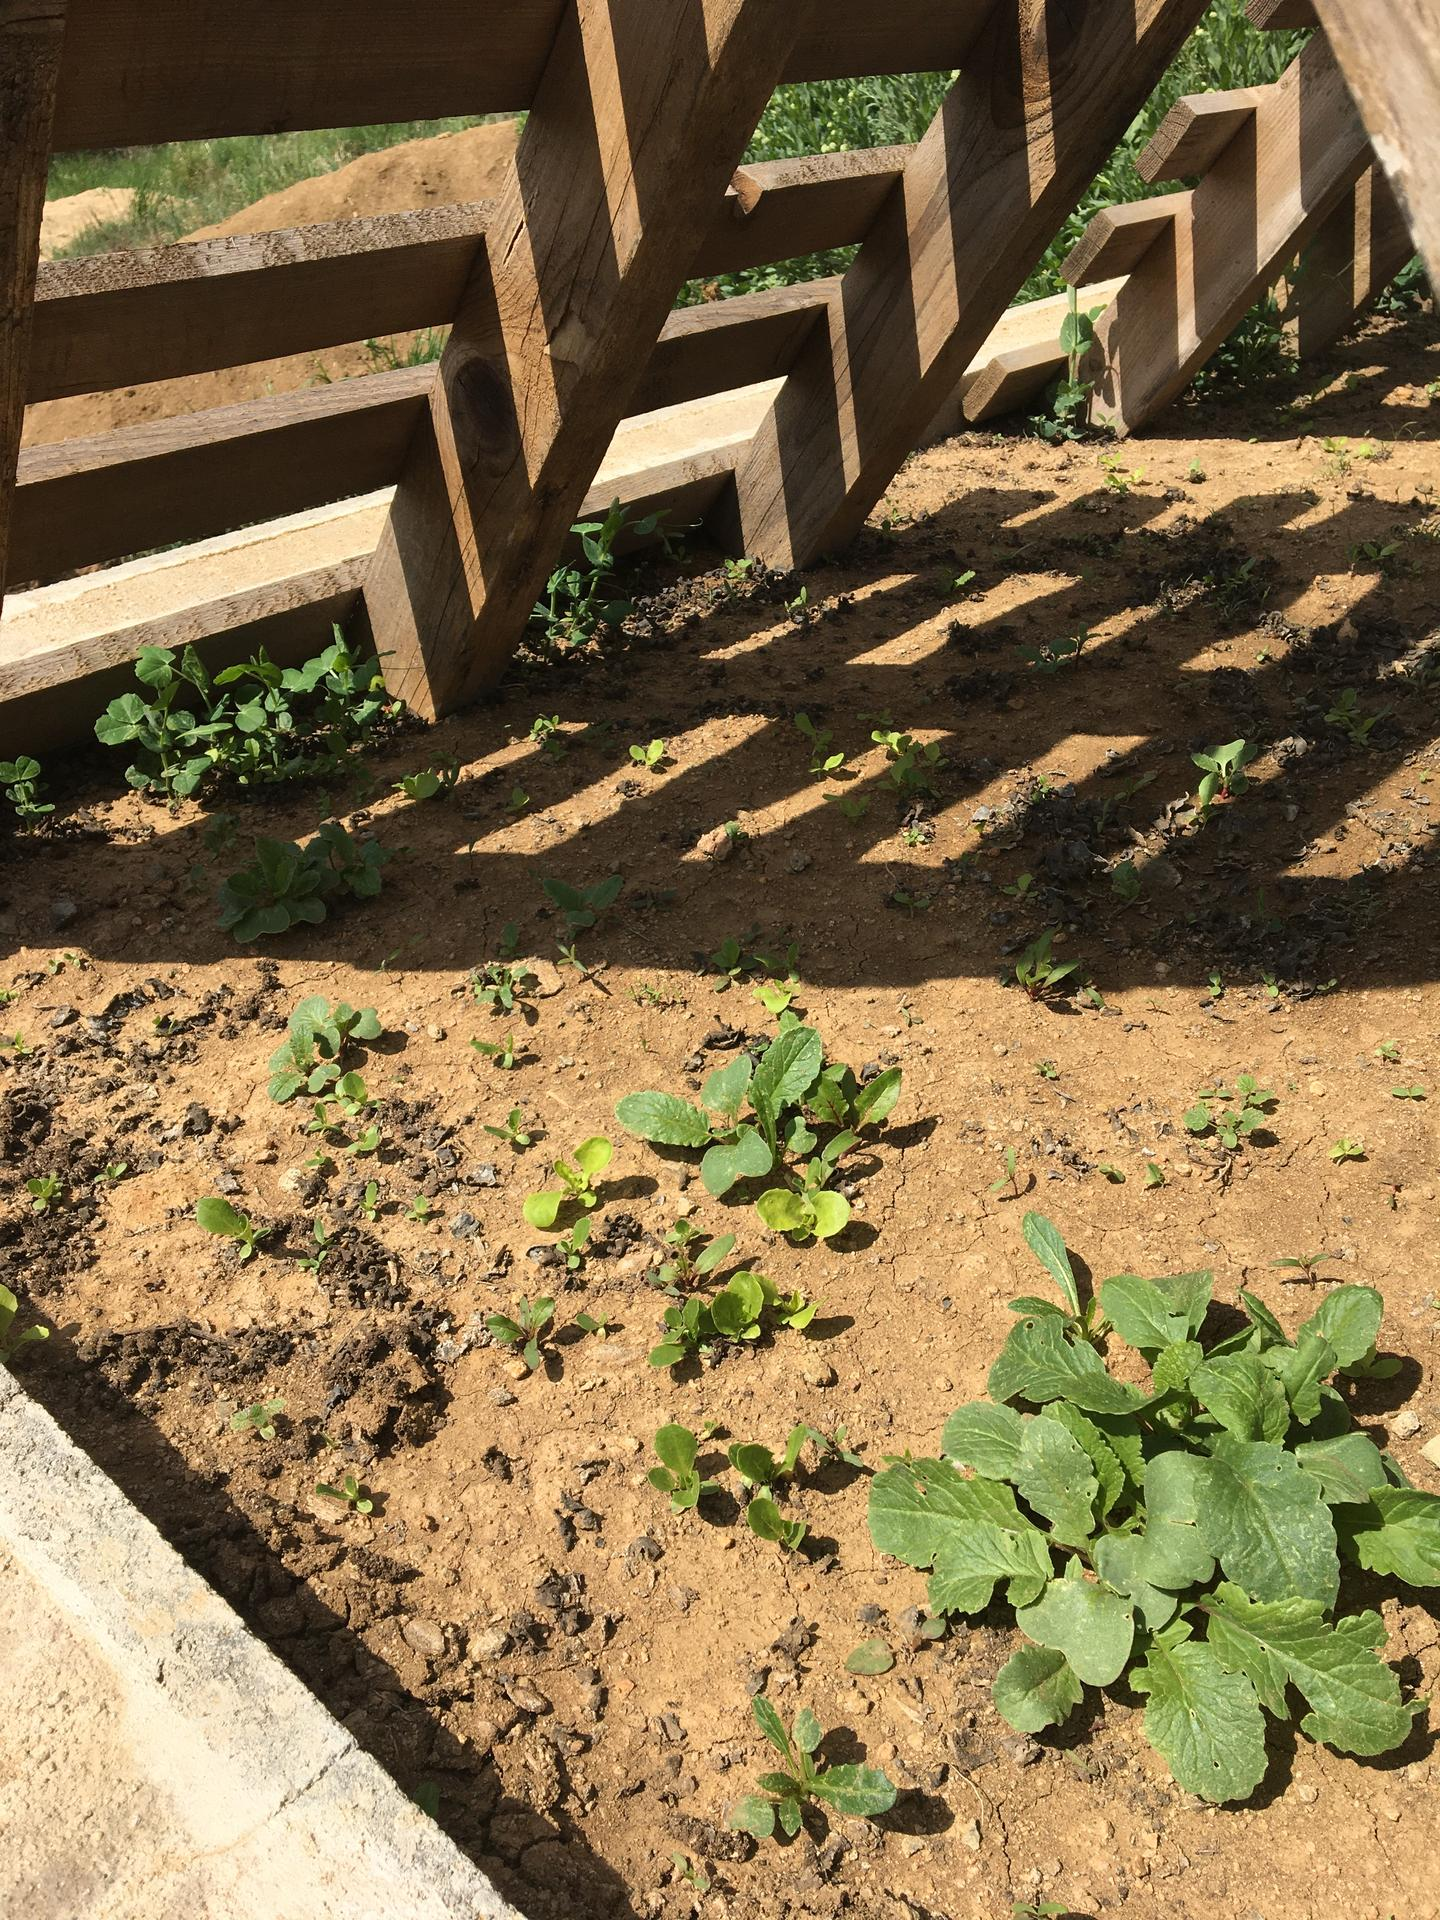 Skřítčí zahrada 2015 - 2020 - Duben 2020 - řádky zeleniny vzaly za své, když se záhonem po zasetí proplazily děti, něco ale roste